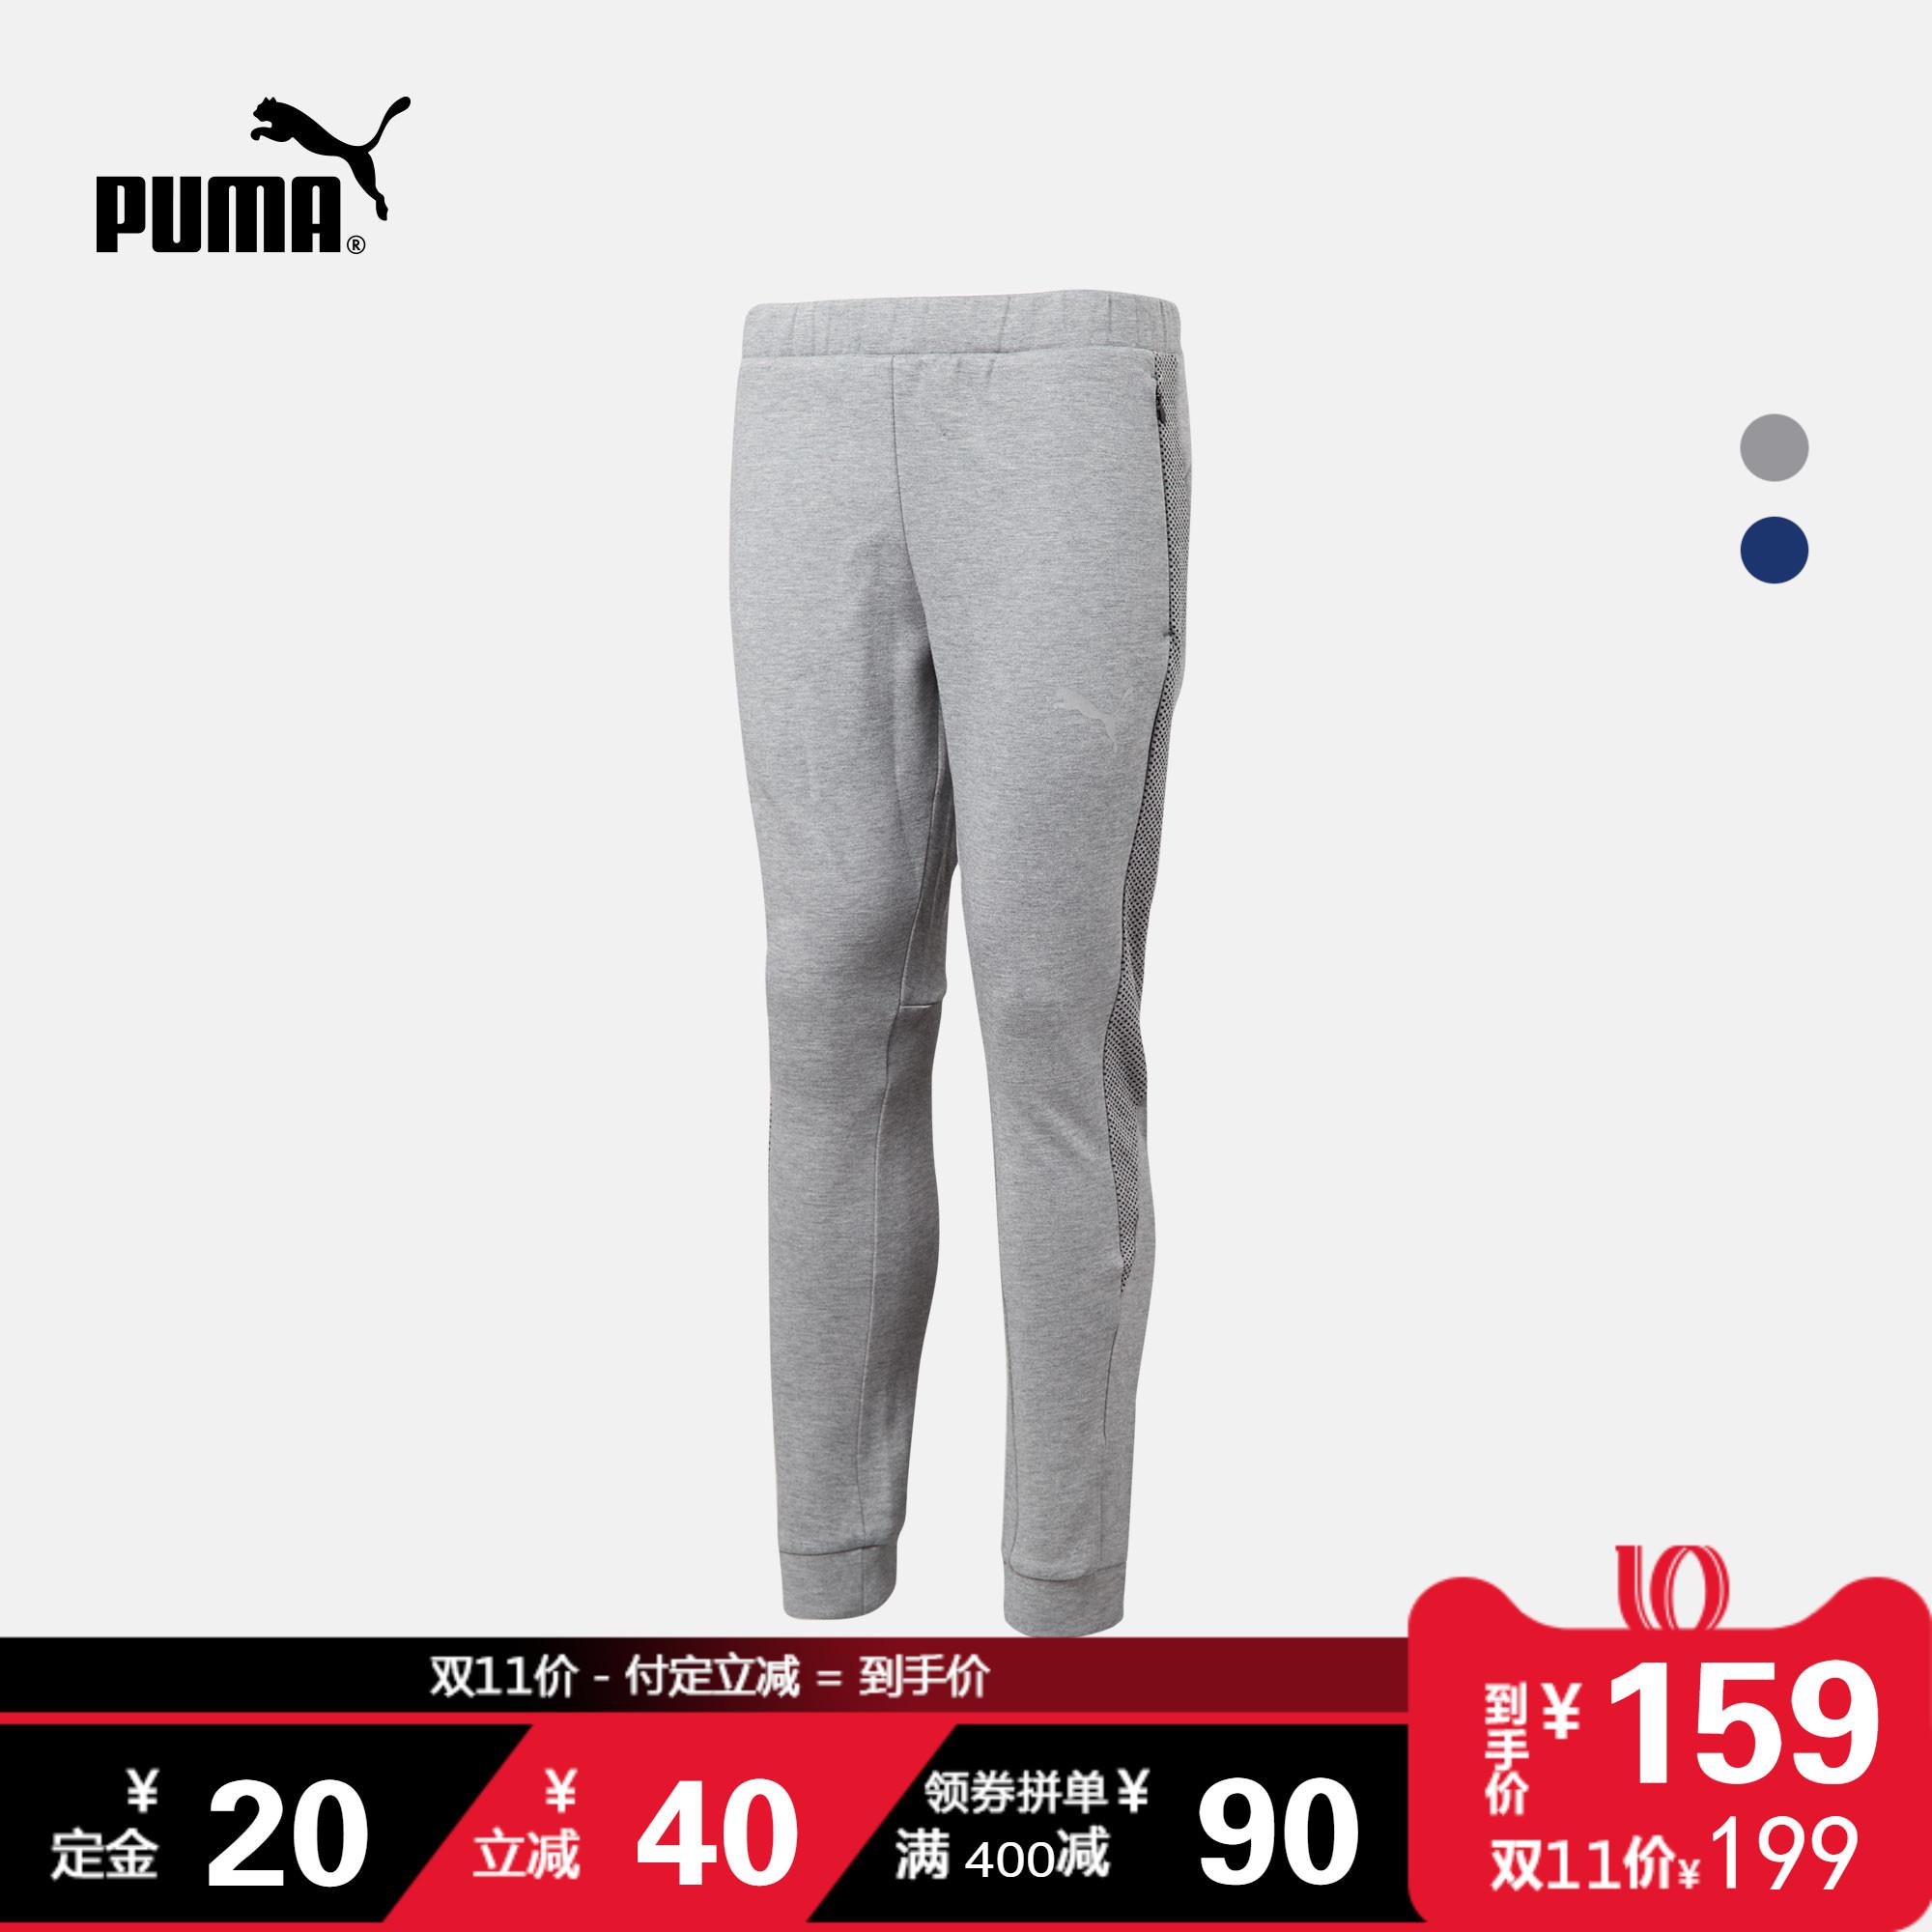 預售 PUMA彪馬官方 男子抽繩拚接長褲 Evostripe Ultimate 59461